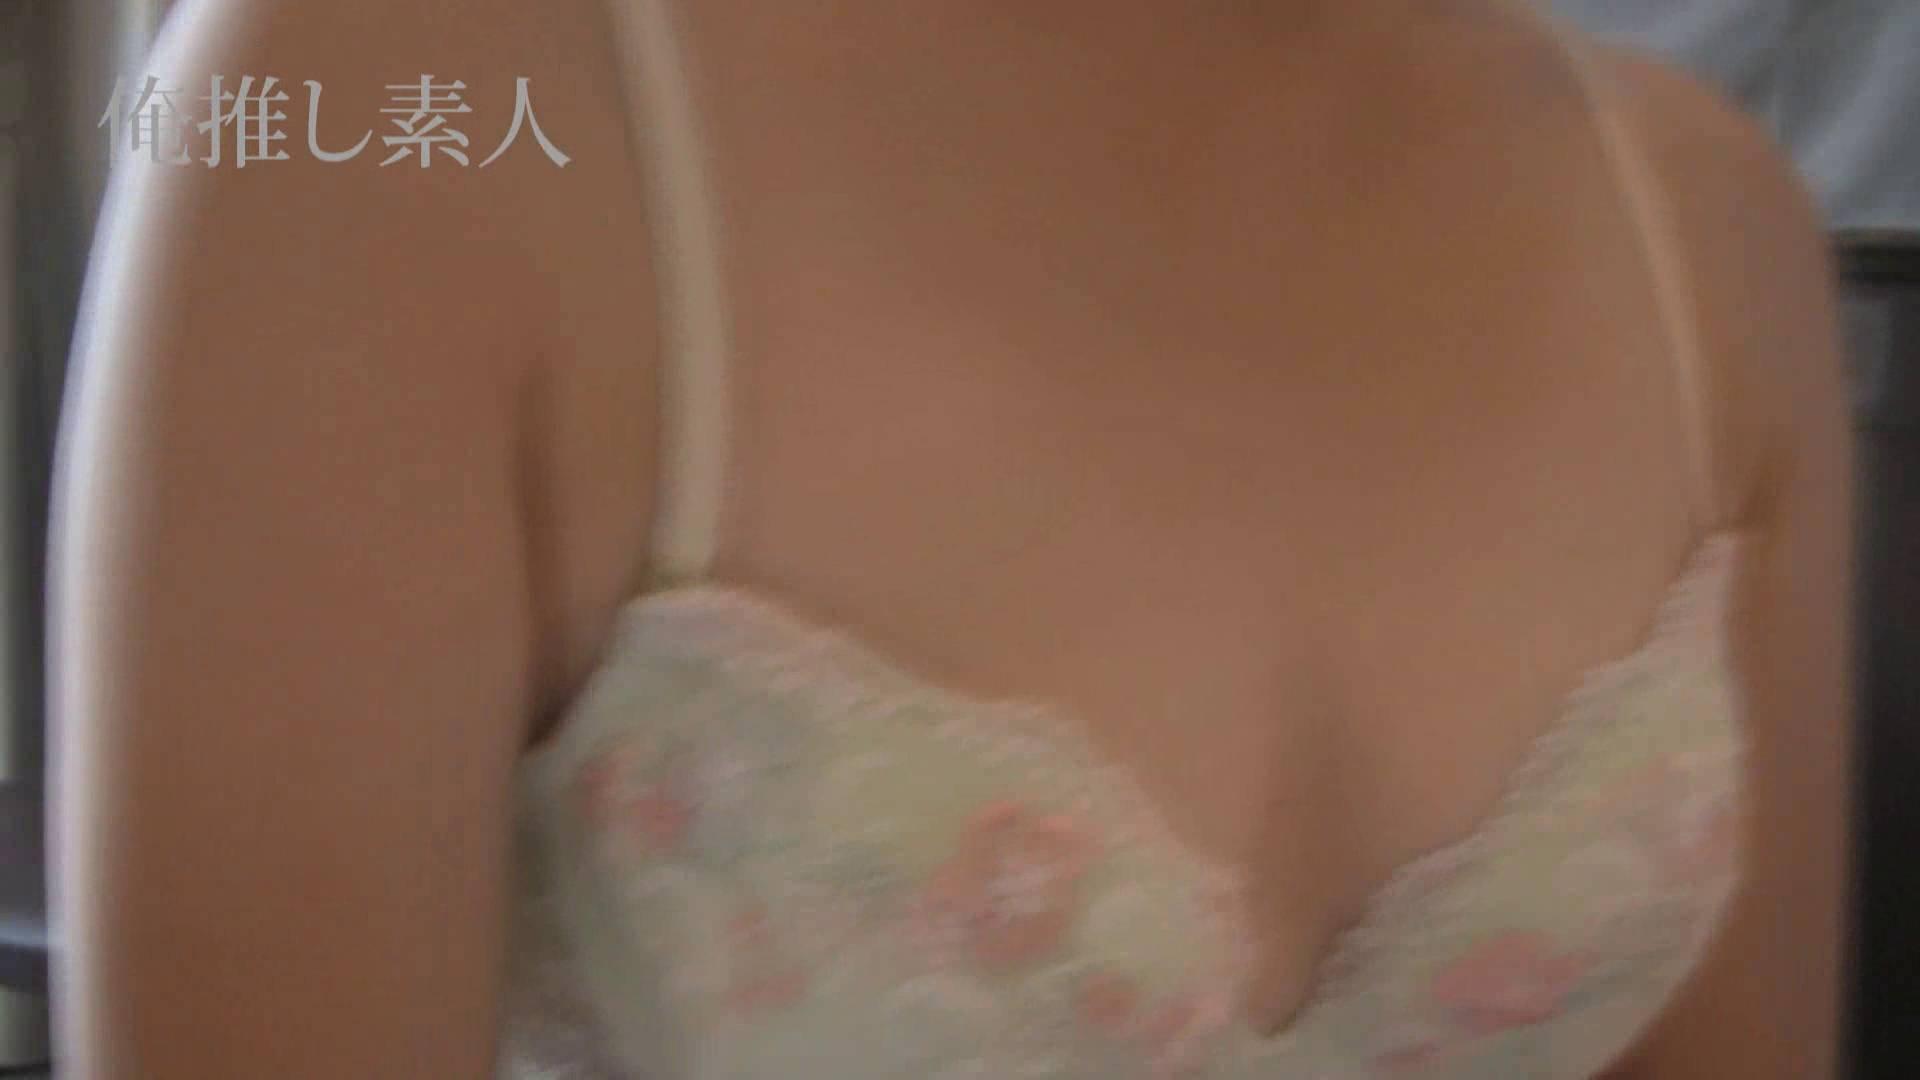 俺推し素人 キャバクラ嬢26歳久美vol5 SEX | 一般投稿  107pic 11